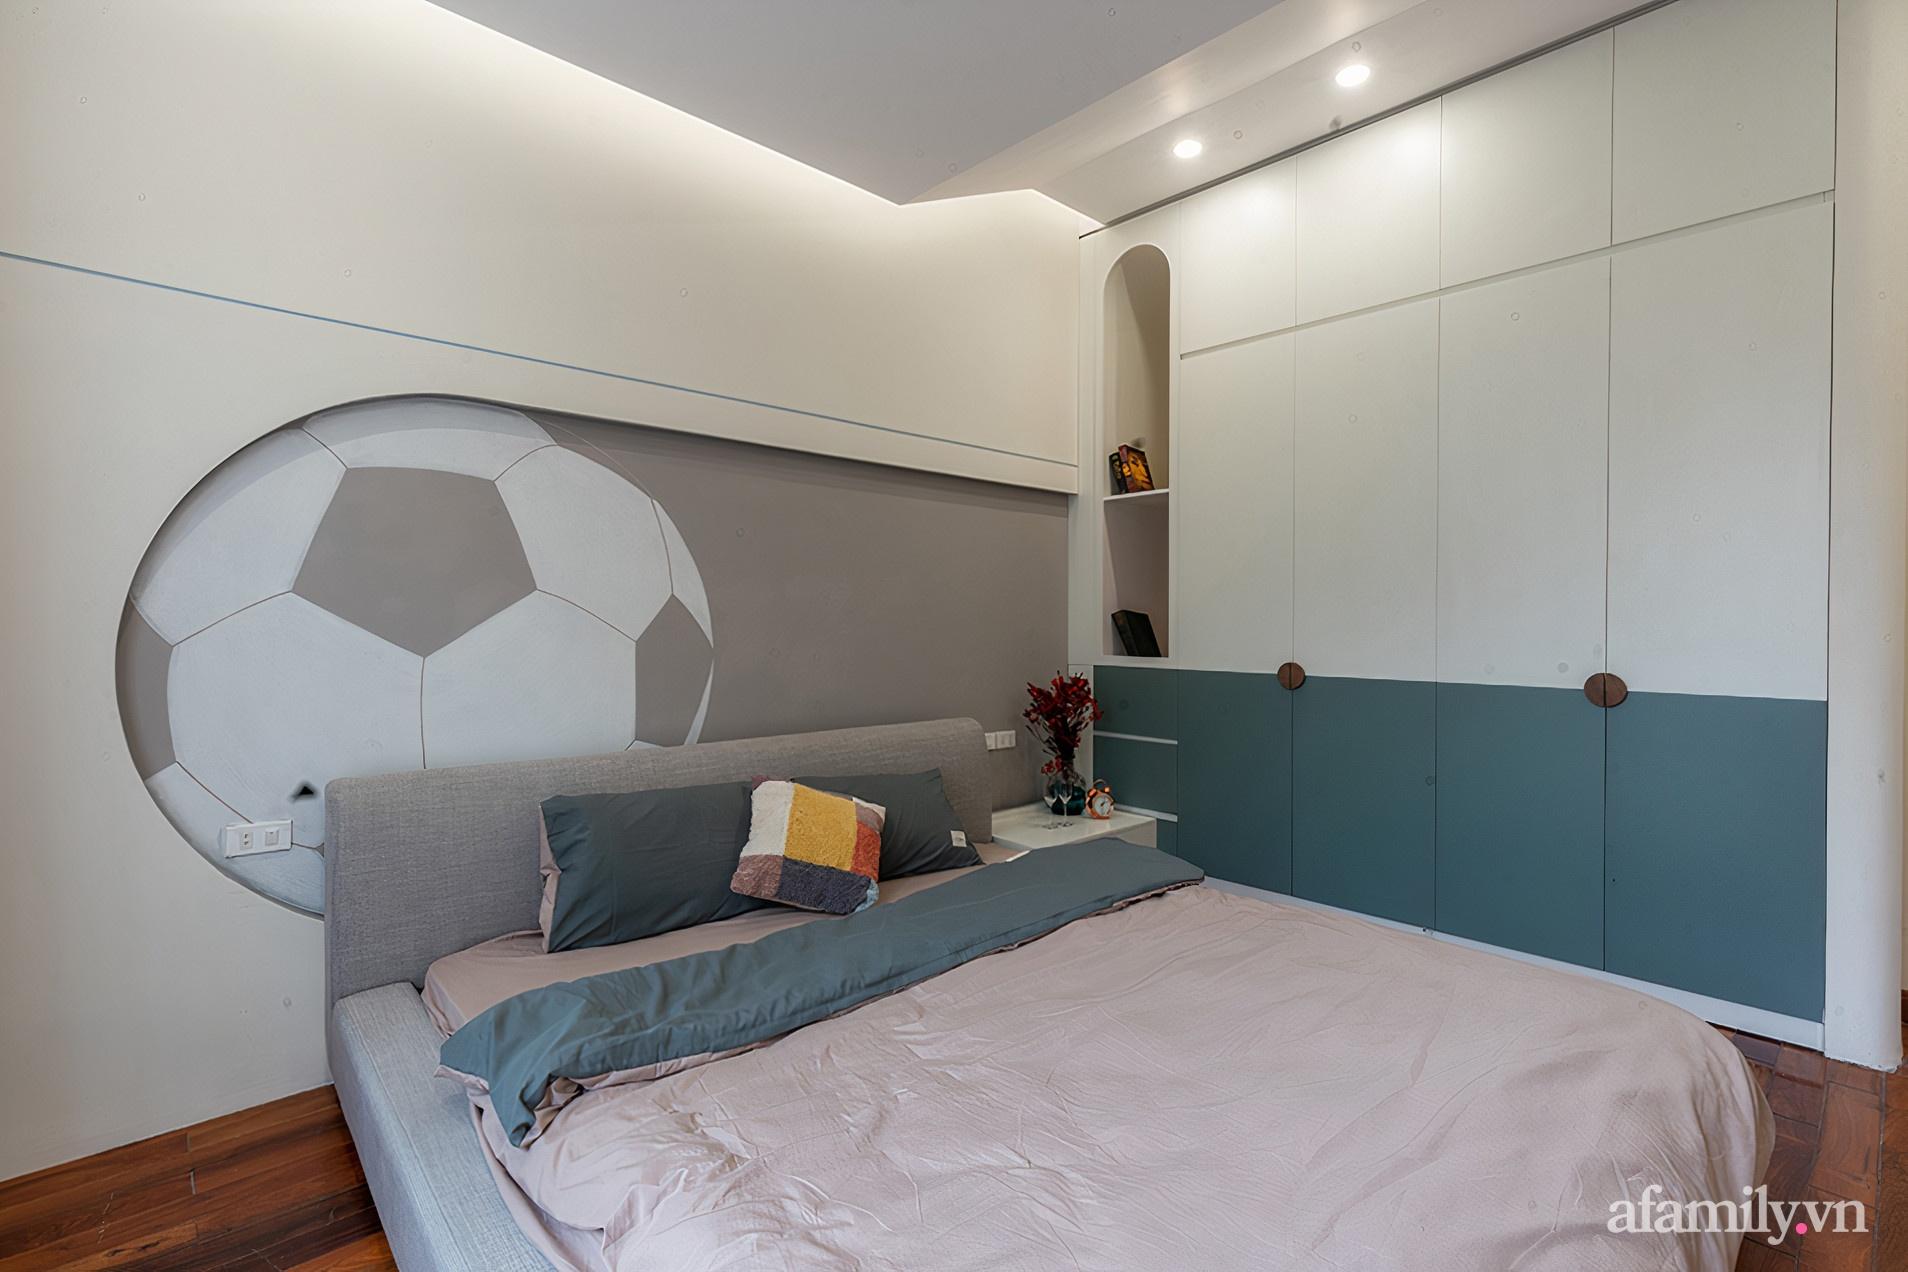 Cải tạo căn nhà 200m² xuống cấp, bí bách thành không gian sang trọng, tiện nghi ở Hà Nội - Ảnh 17.